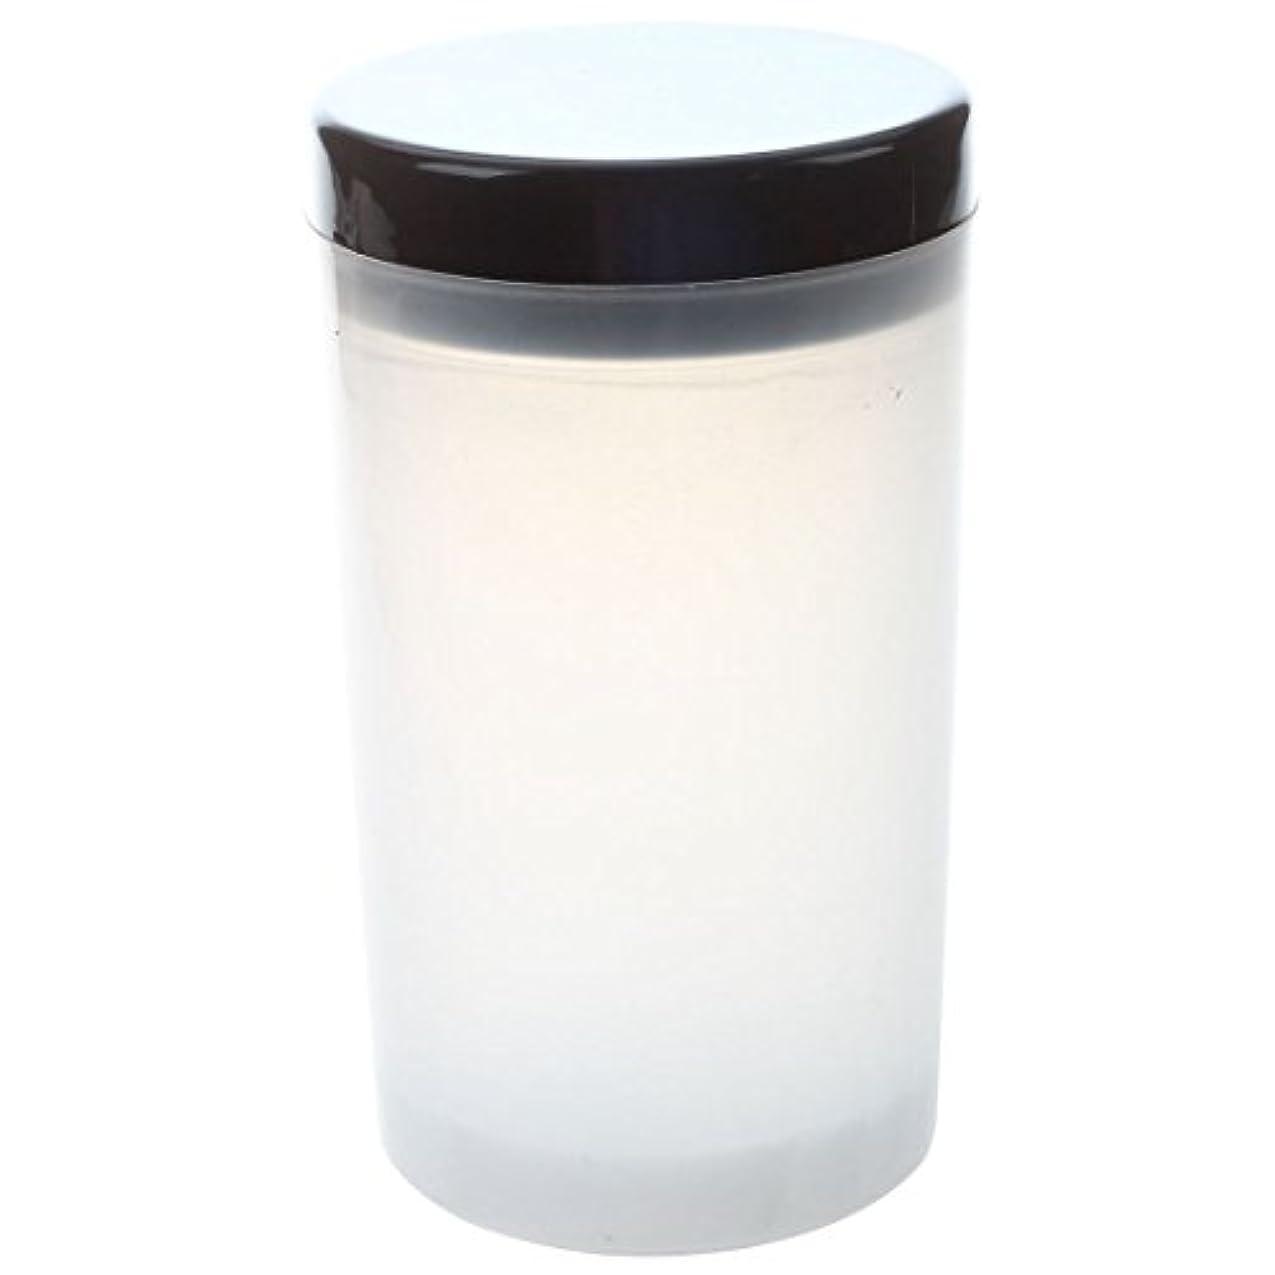 アトムアスリート反発ACAMPTAR ネイルアートチップブラシホルダー リムーバーカップカップ浸漬ブラシ クリーナーボトル